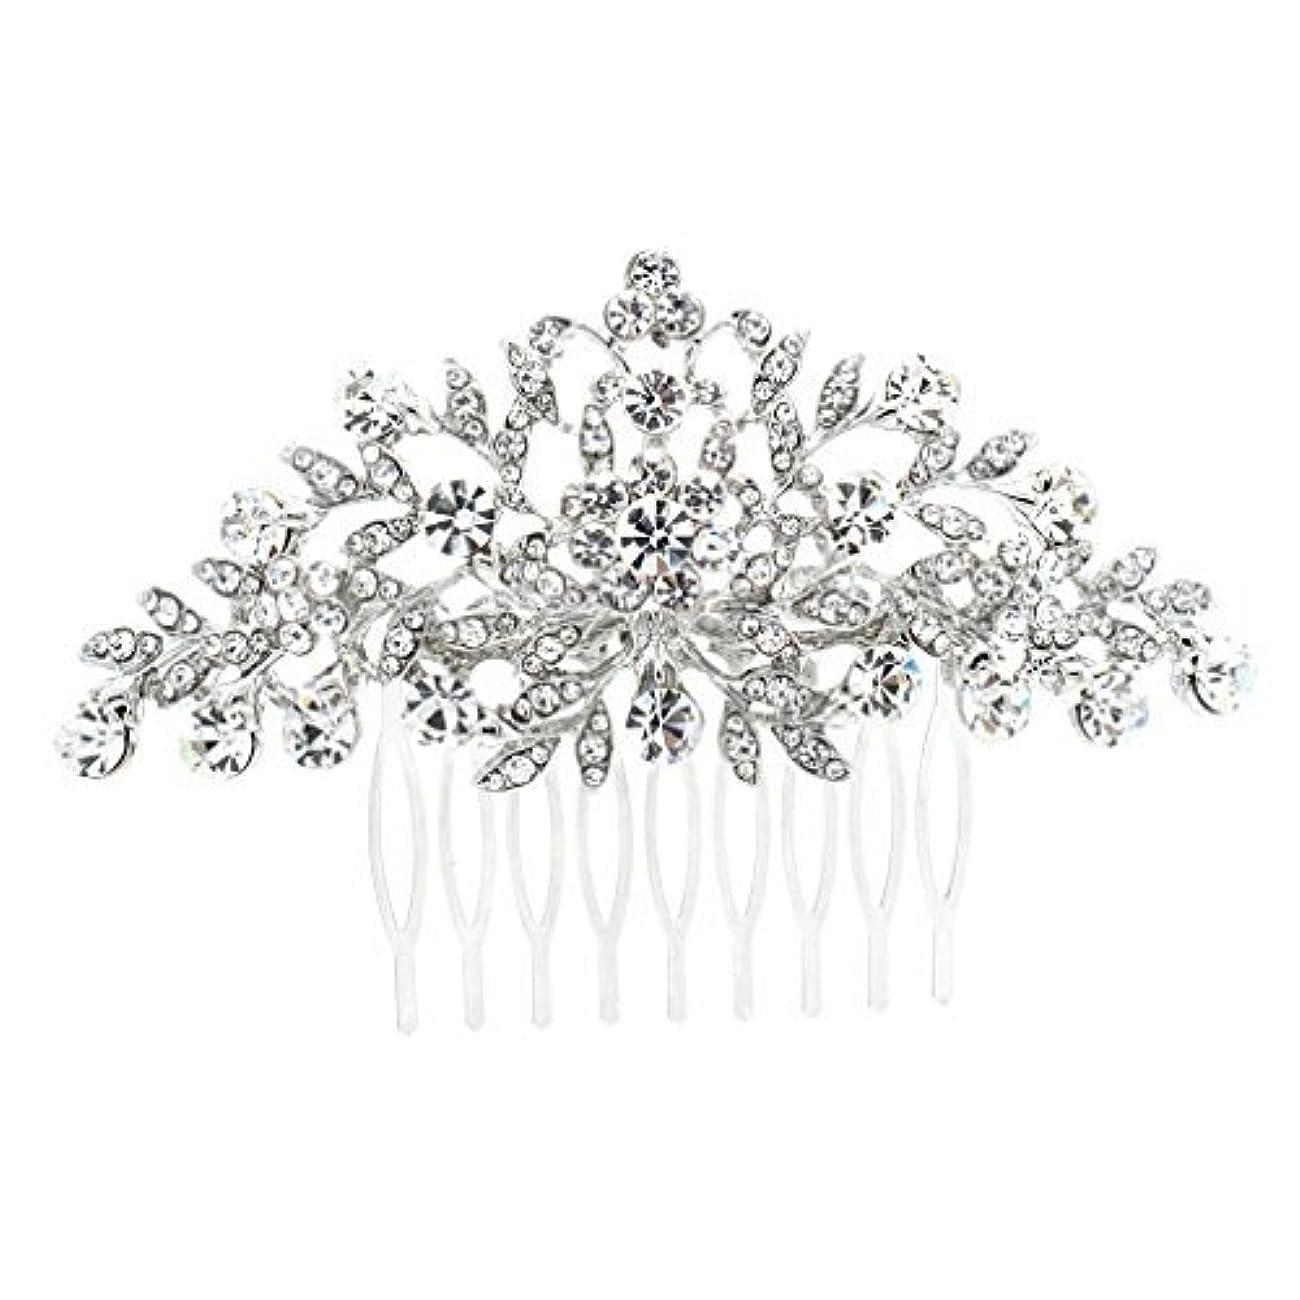 倒産ヘアコンパニオンSEPBRDIALS Rhinestone Crystal Hair Comb Pins Women Wedding Hair Jewelry Accessories FA2944 (Silver) [並行輸入品]